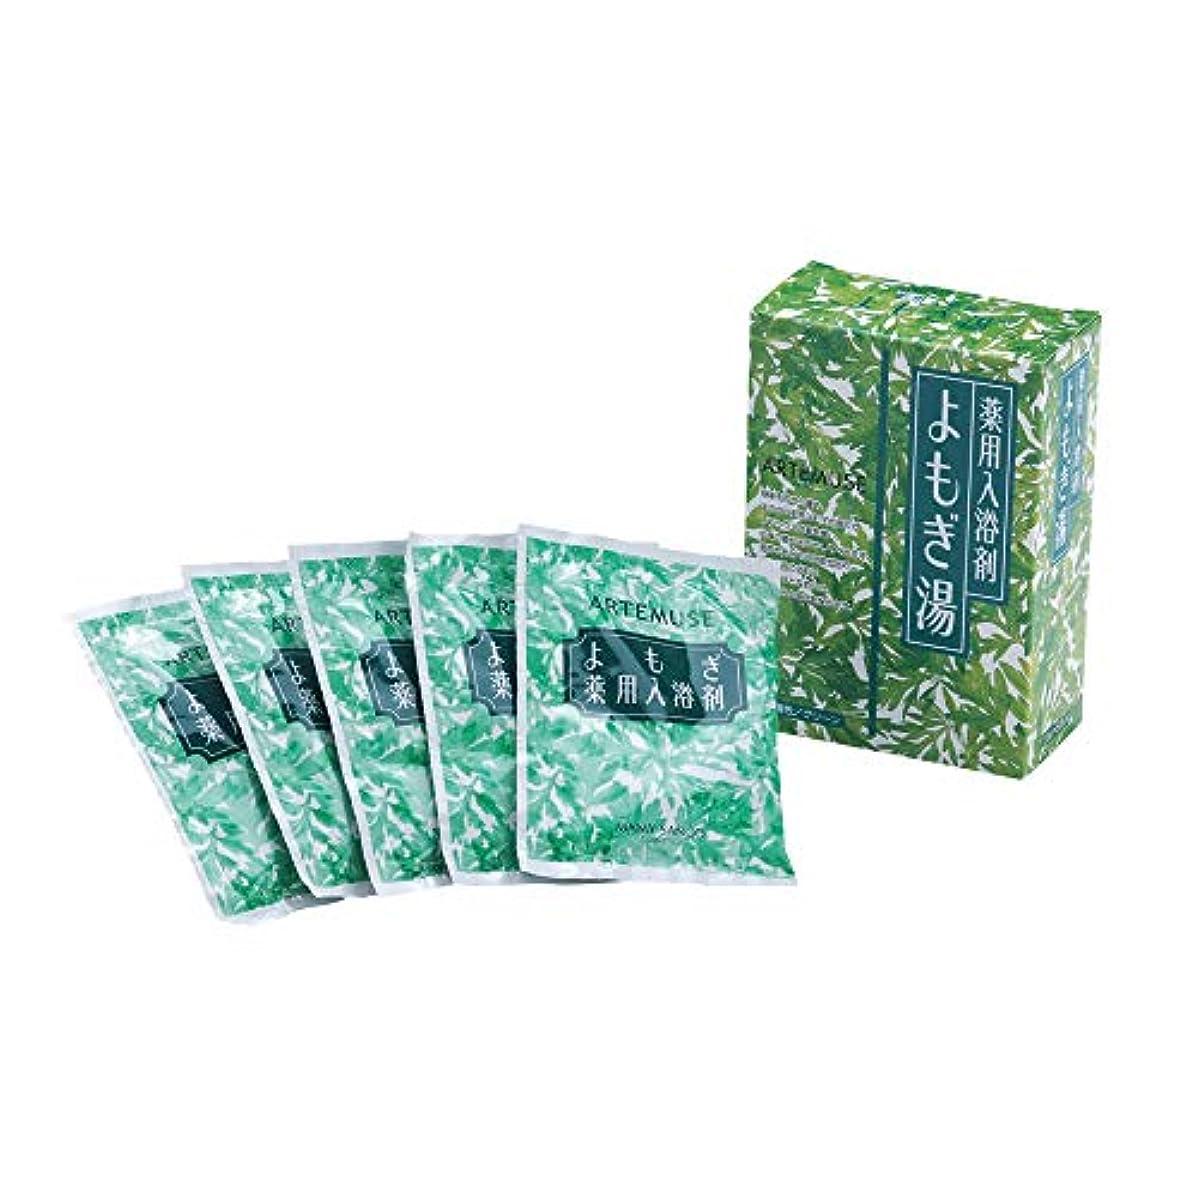 振る舞いホステル所得マミーサンゴ よもぎ入浴剤 薬用バスソルトA [分包タイプ] 30g×5包入 (1箱)